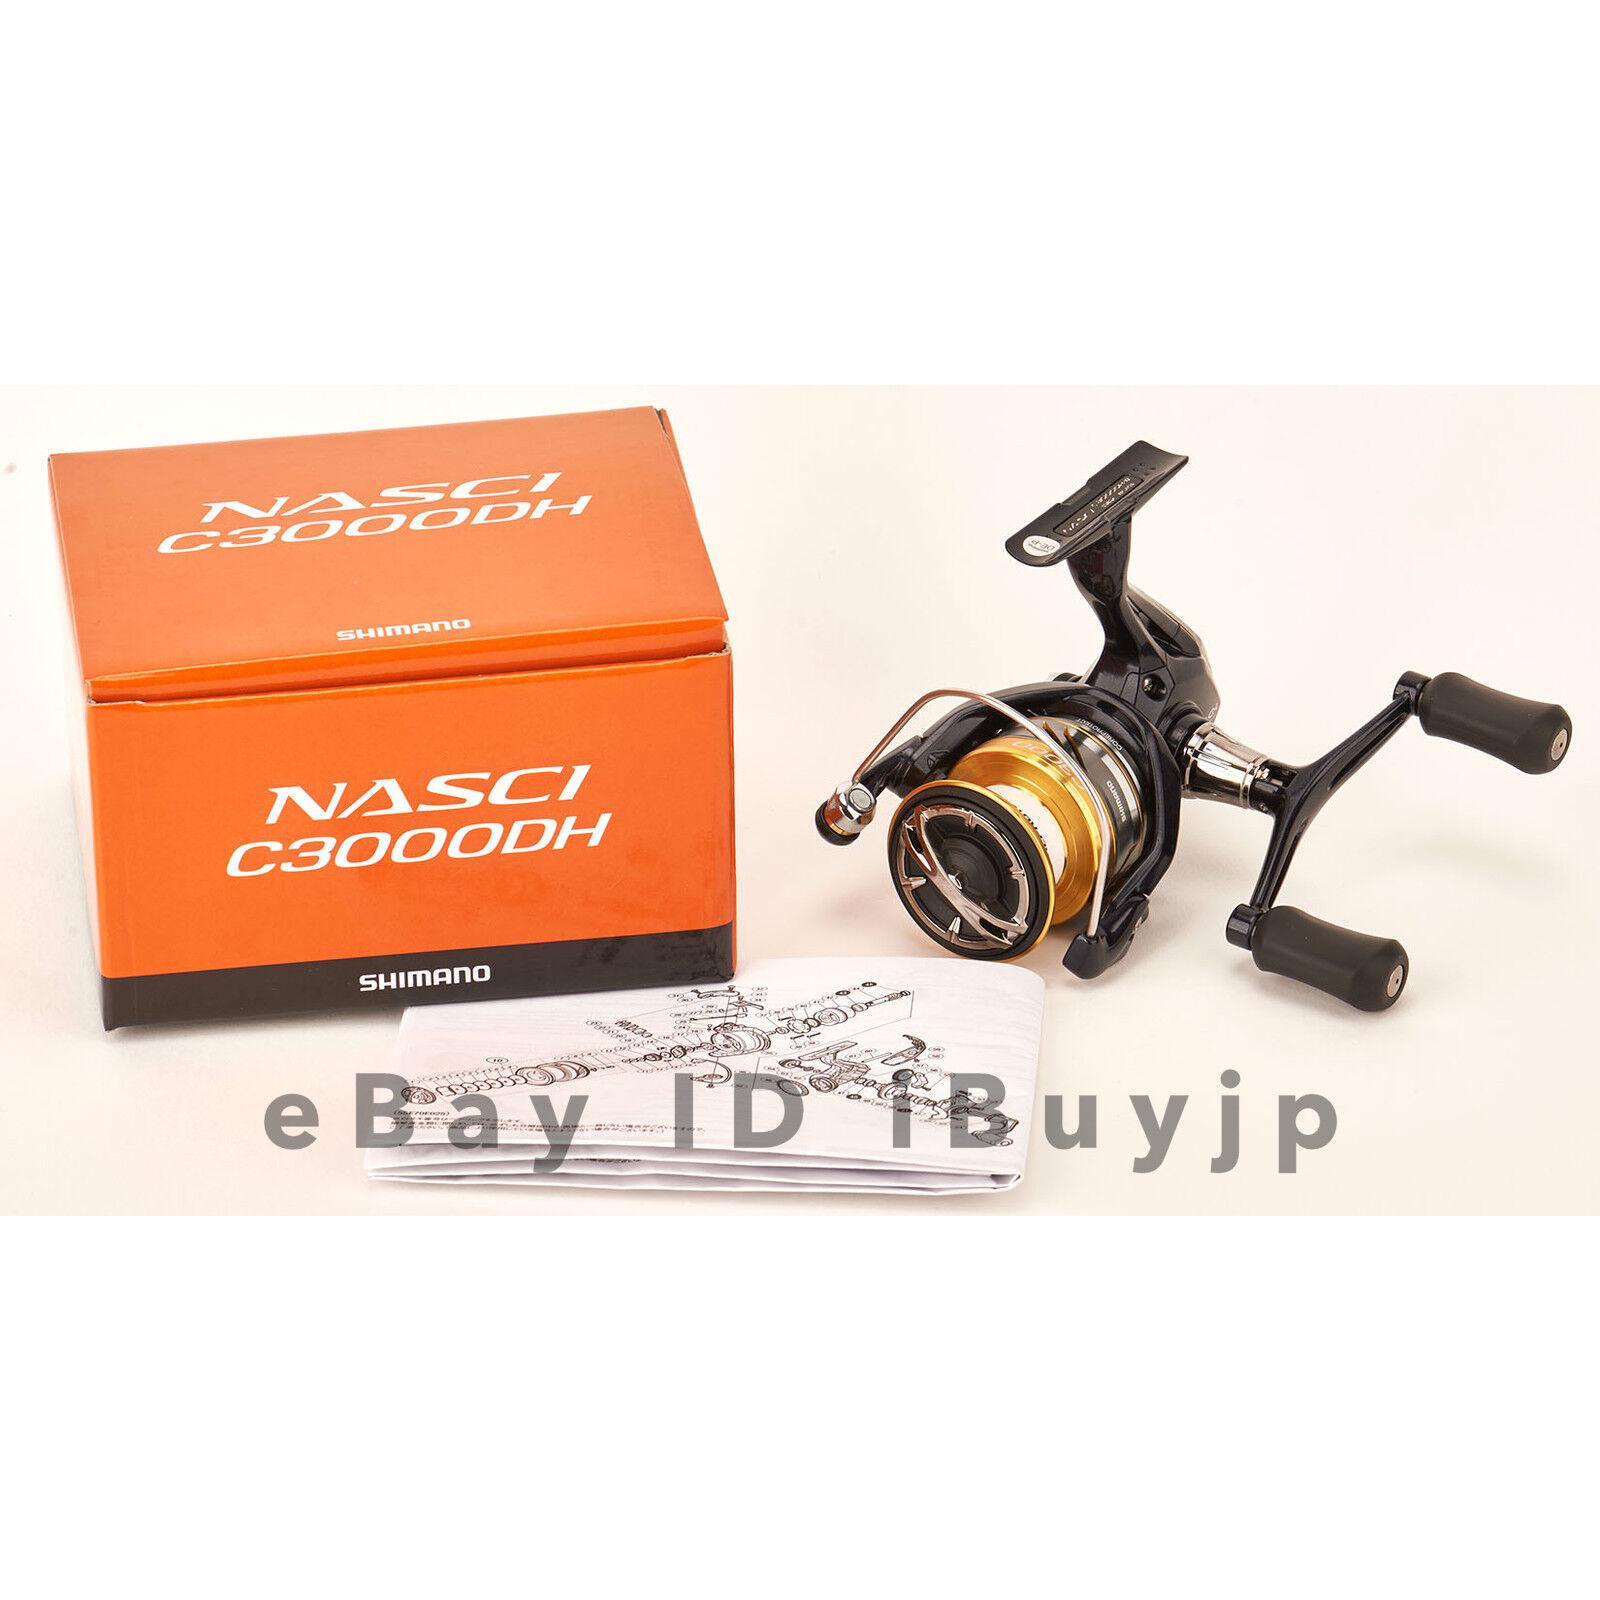 Shimano 16 NASCI C3000DH Saltwater Spinning Reel 036346